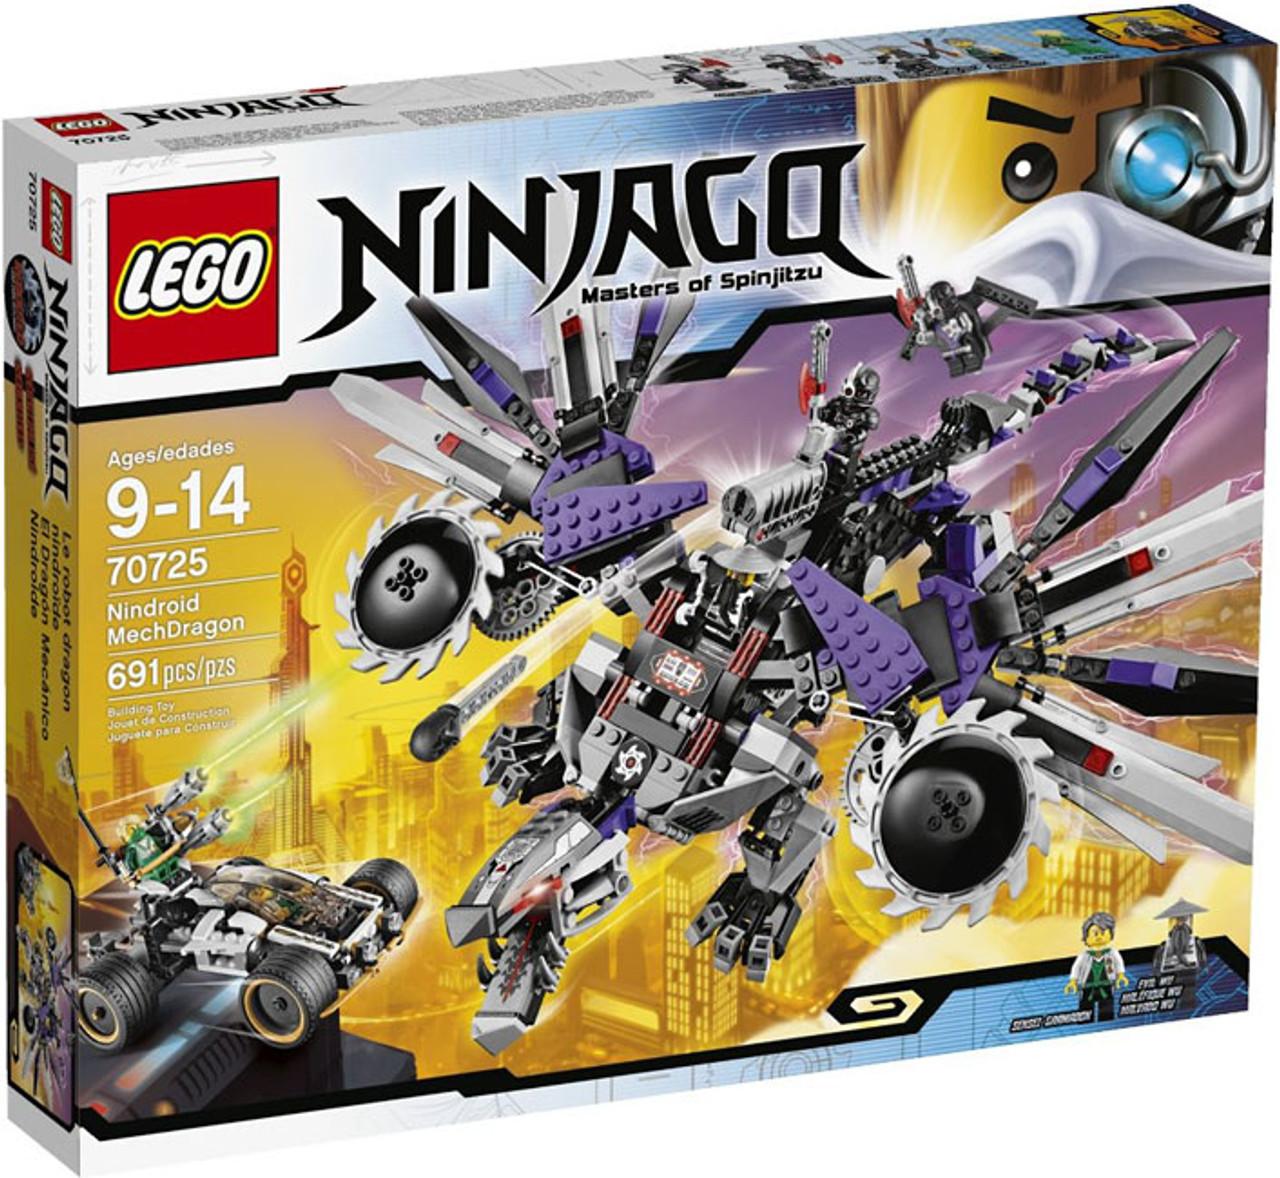 lego ninjago rebooted nindroid mechdragon set 70725 - Lego Ninja Go